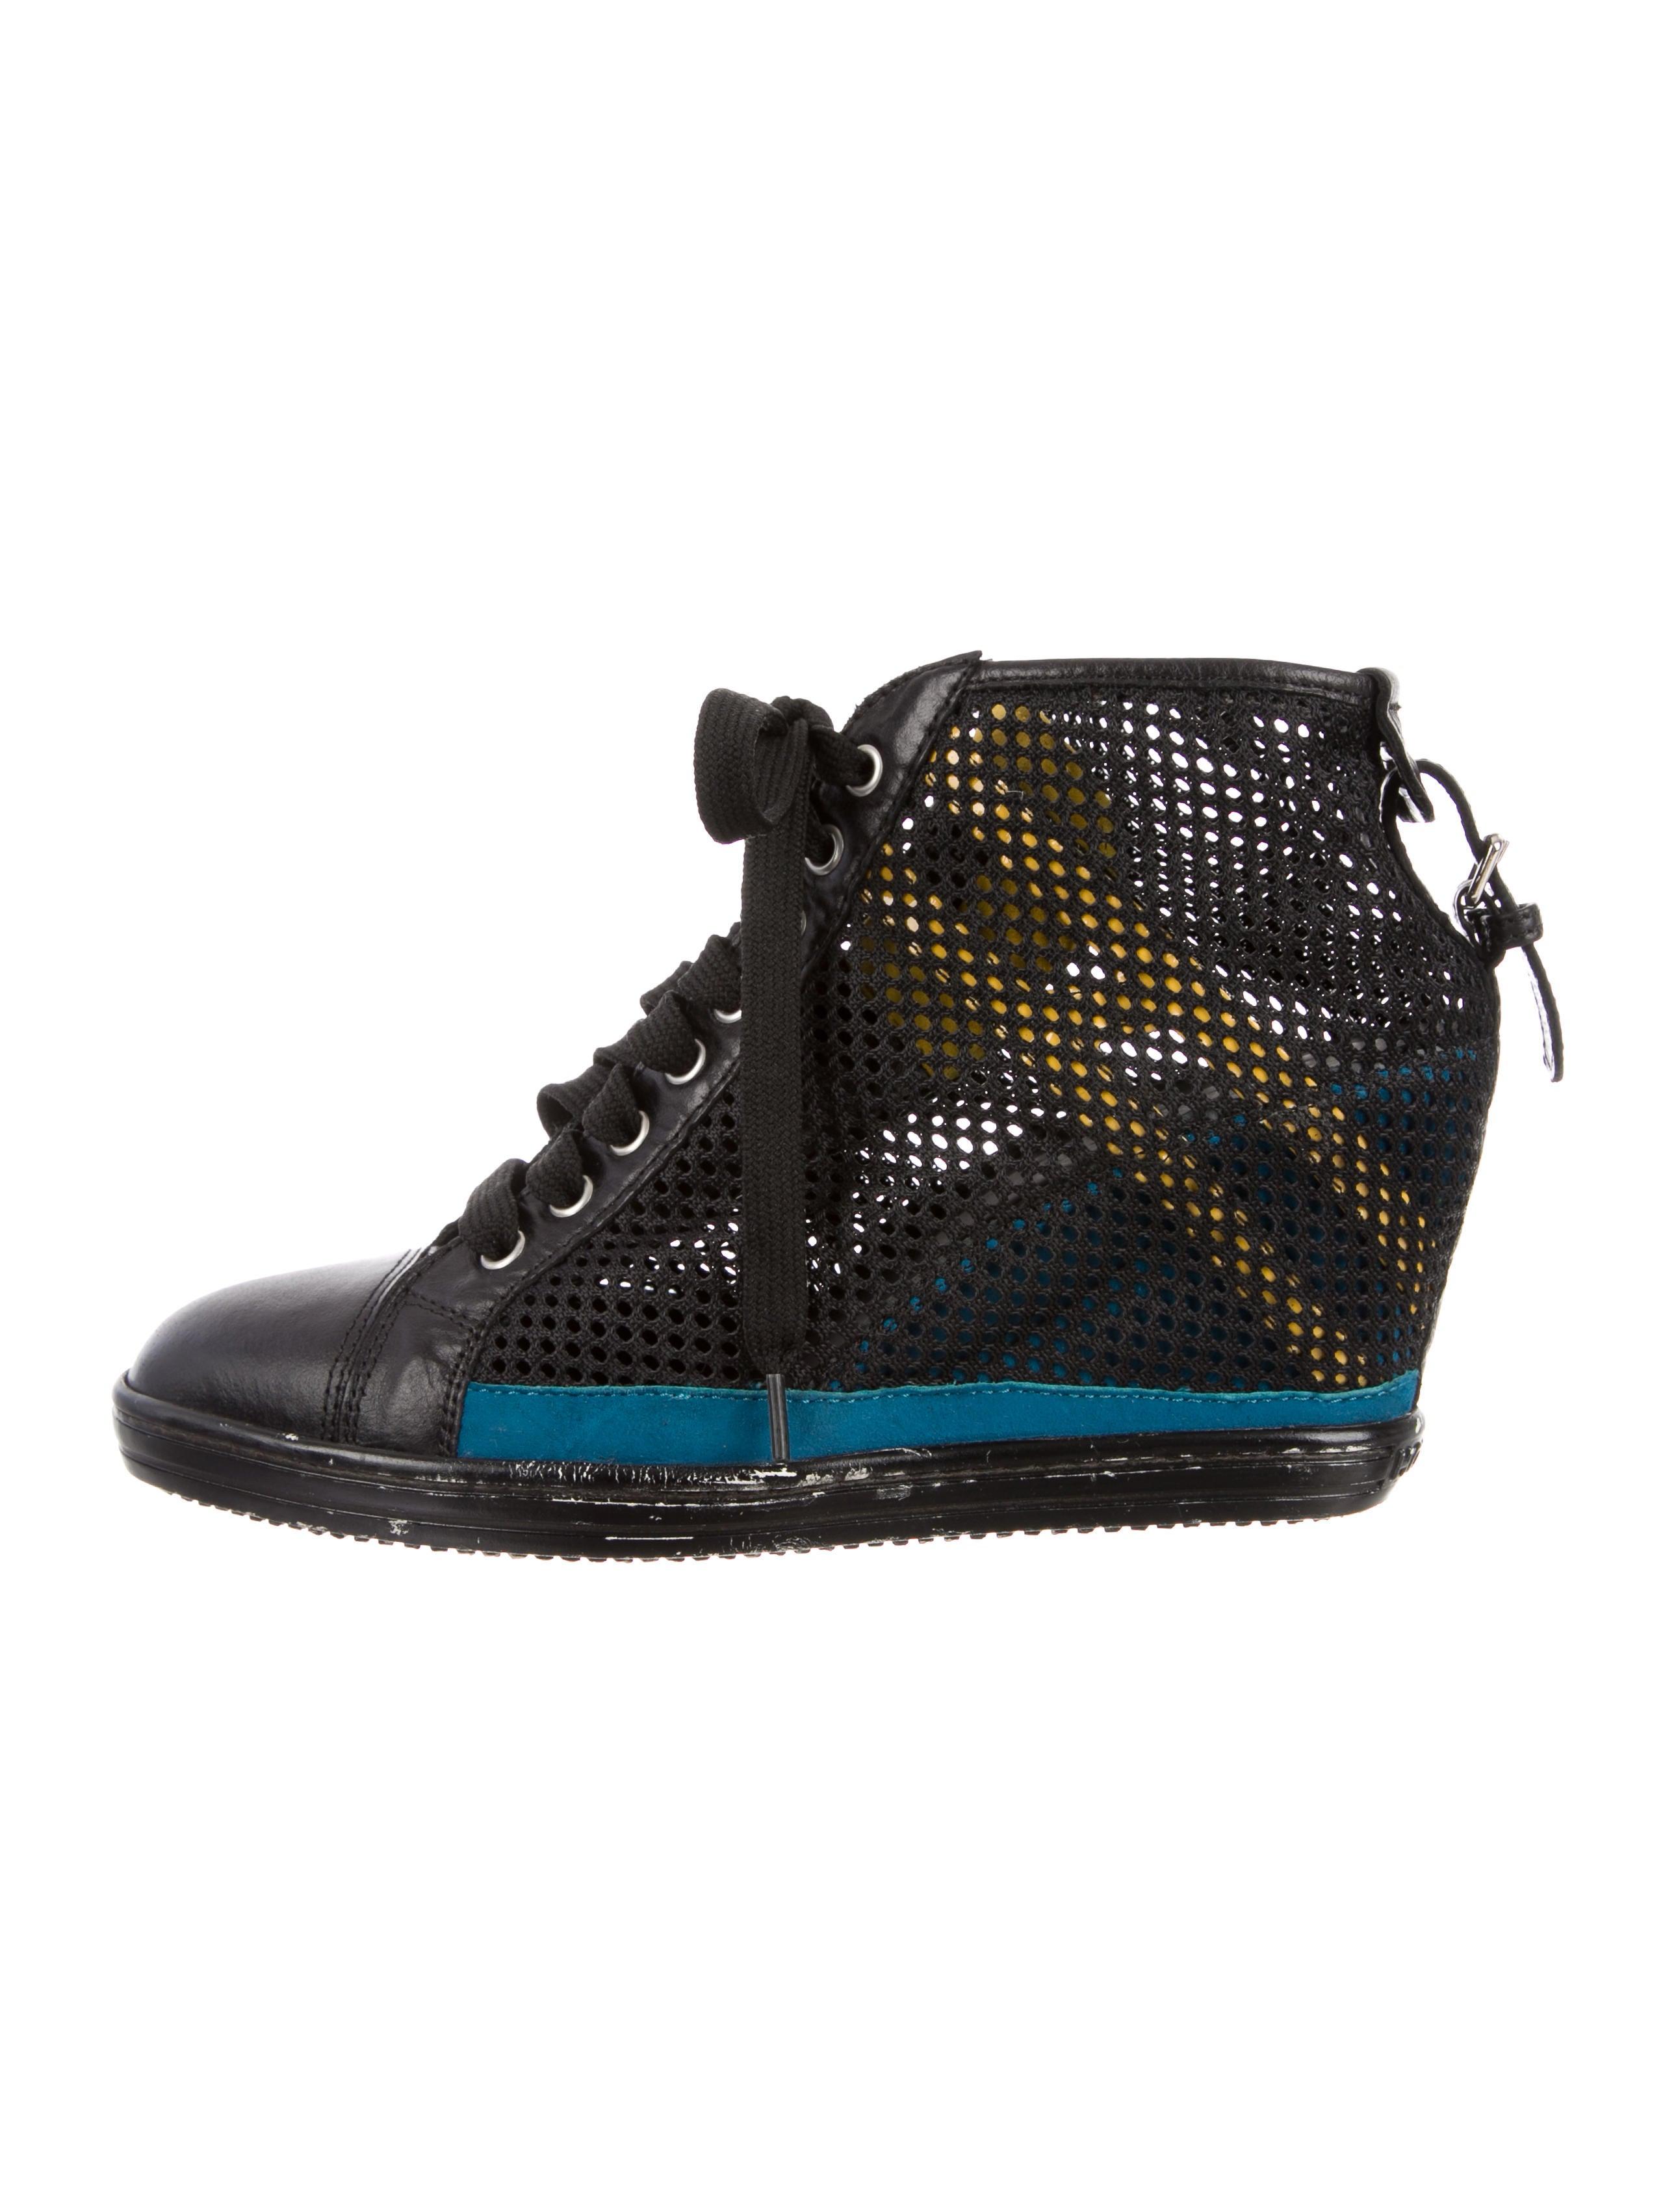 Hogan Rebel Mesh Wedge Sneakers clearance 2014 unisex kKwWKw